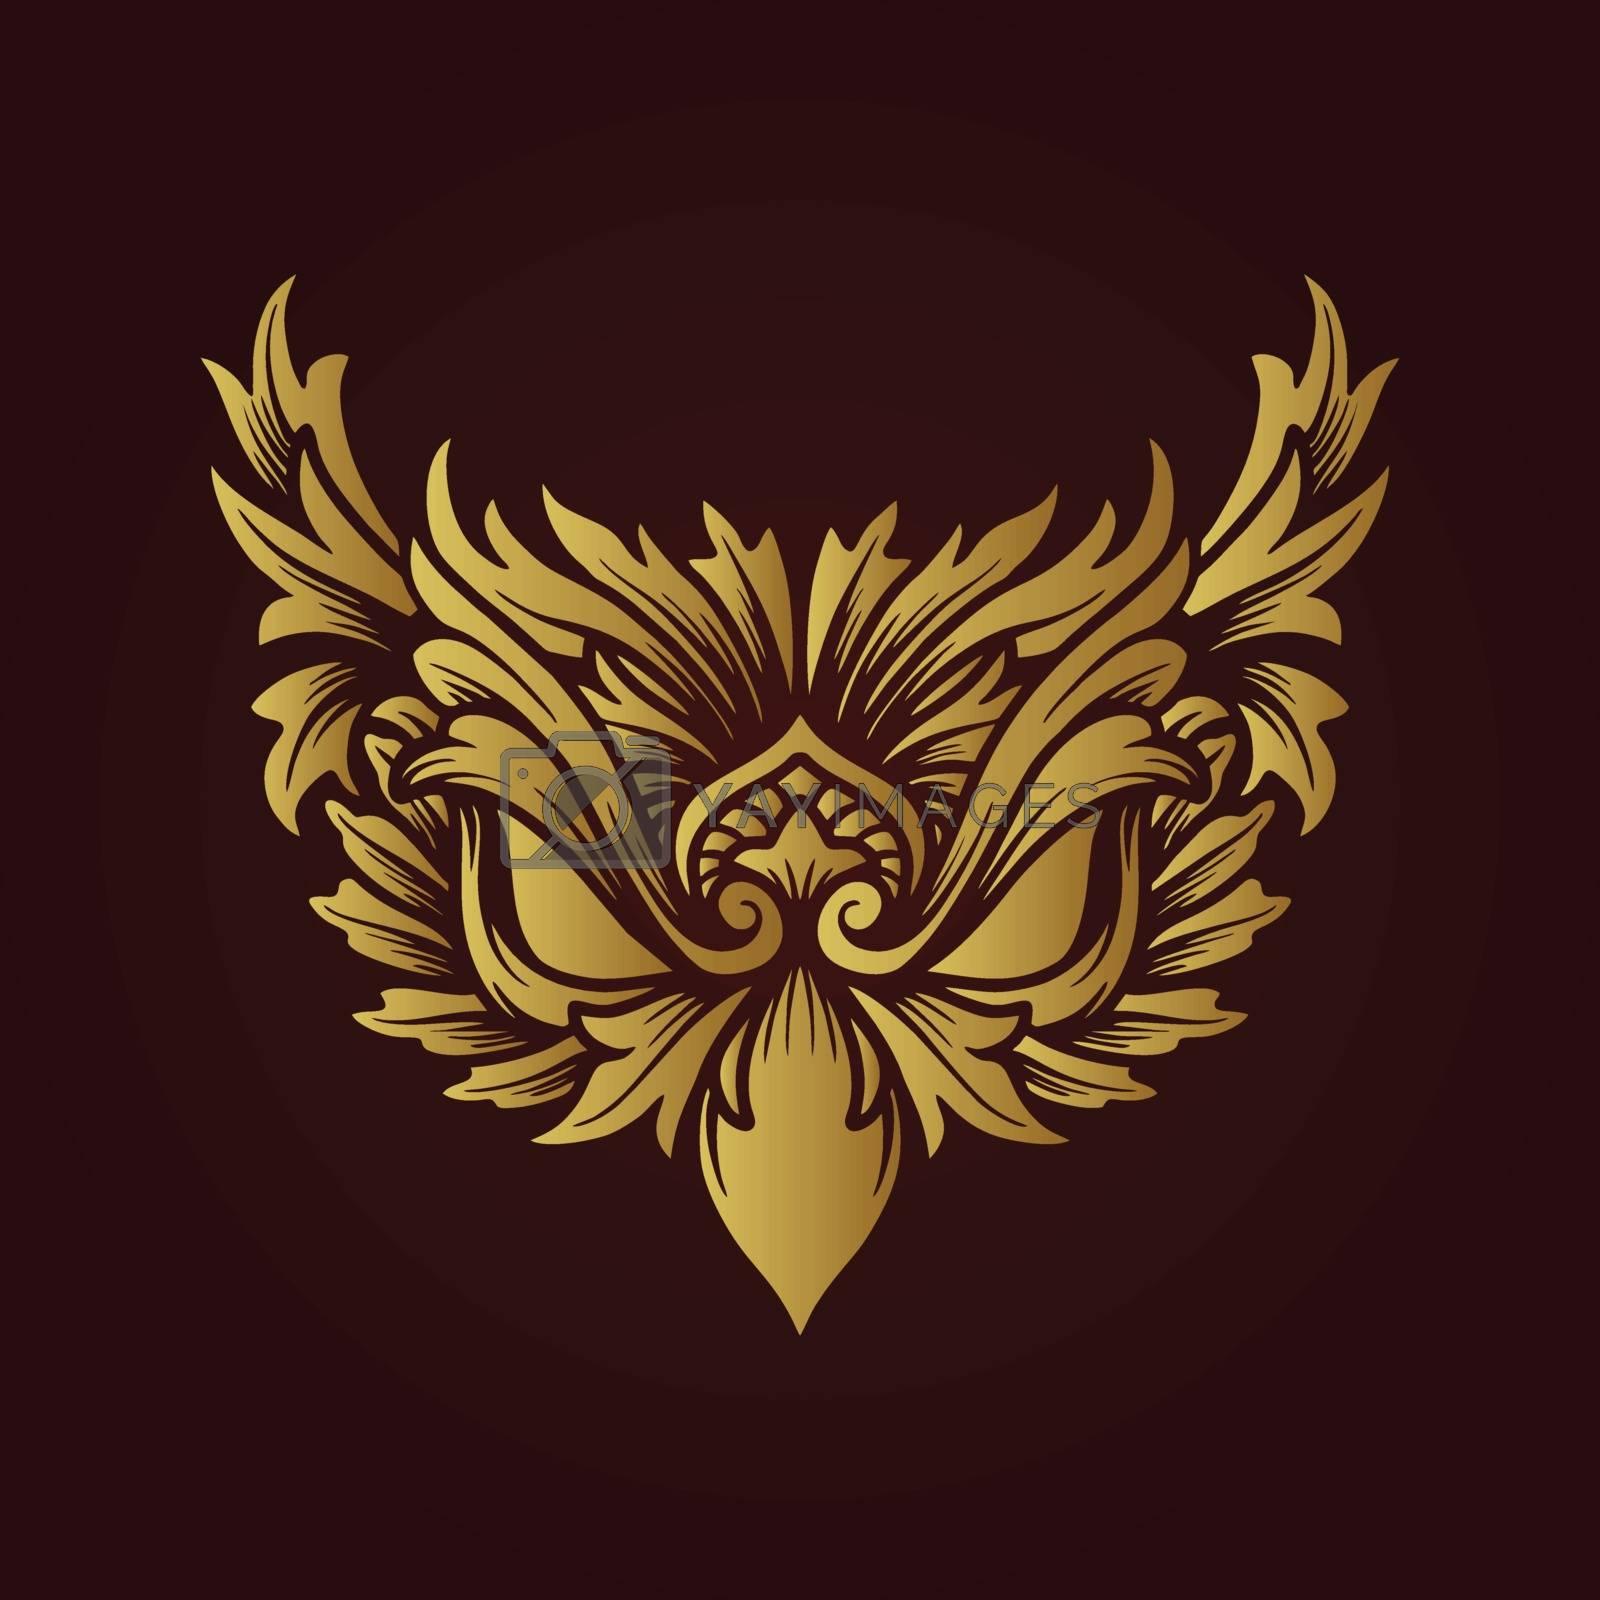 creative logo icon eagle eye design vector illustration